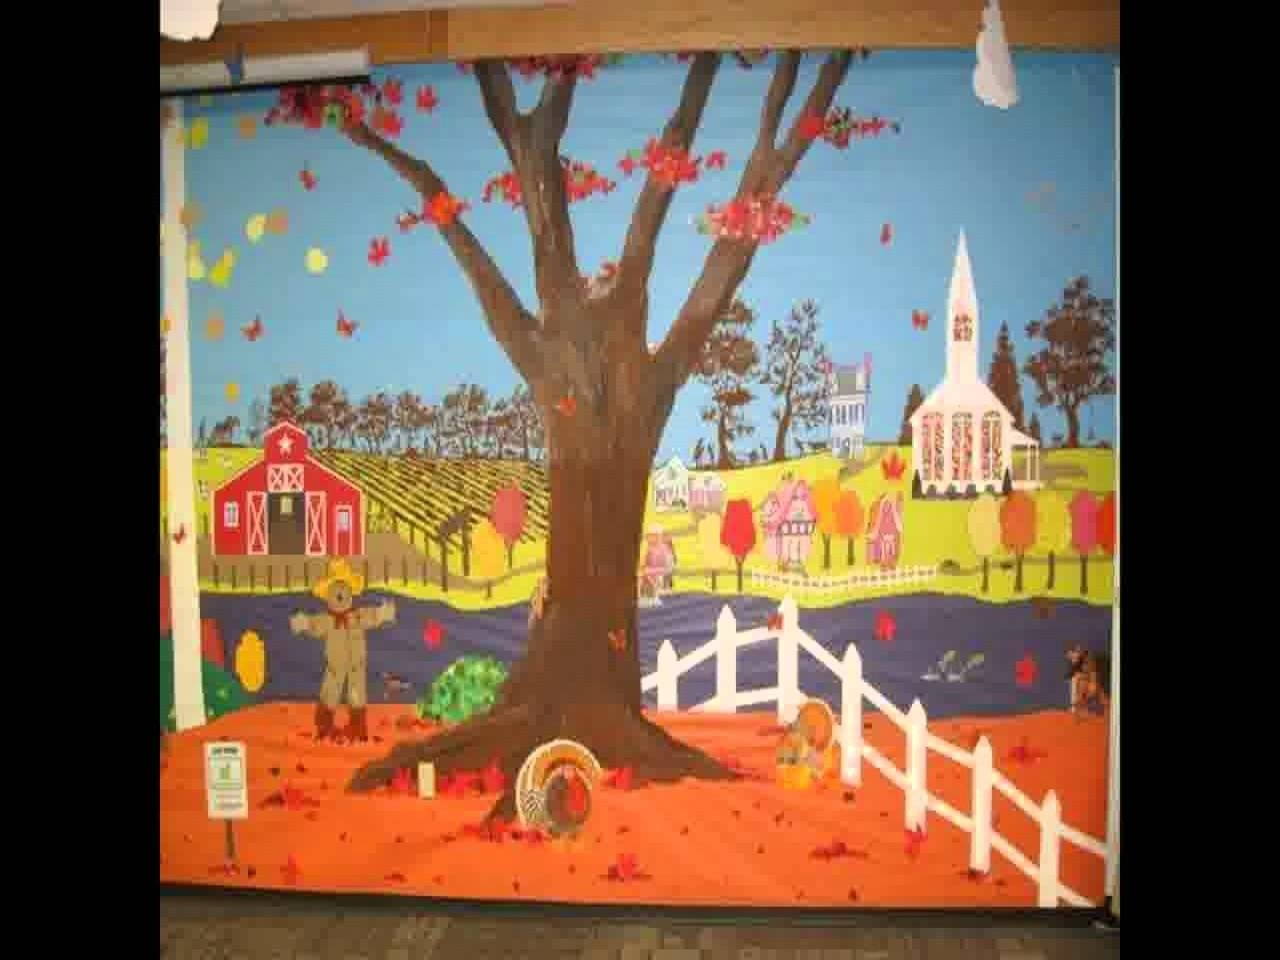 10 Lovely Fall Bulletin Board Ideas For Preschool fall bulletin board ideas for preschool youtube 2